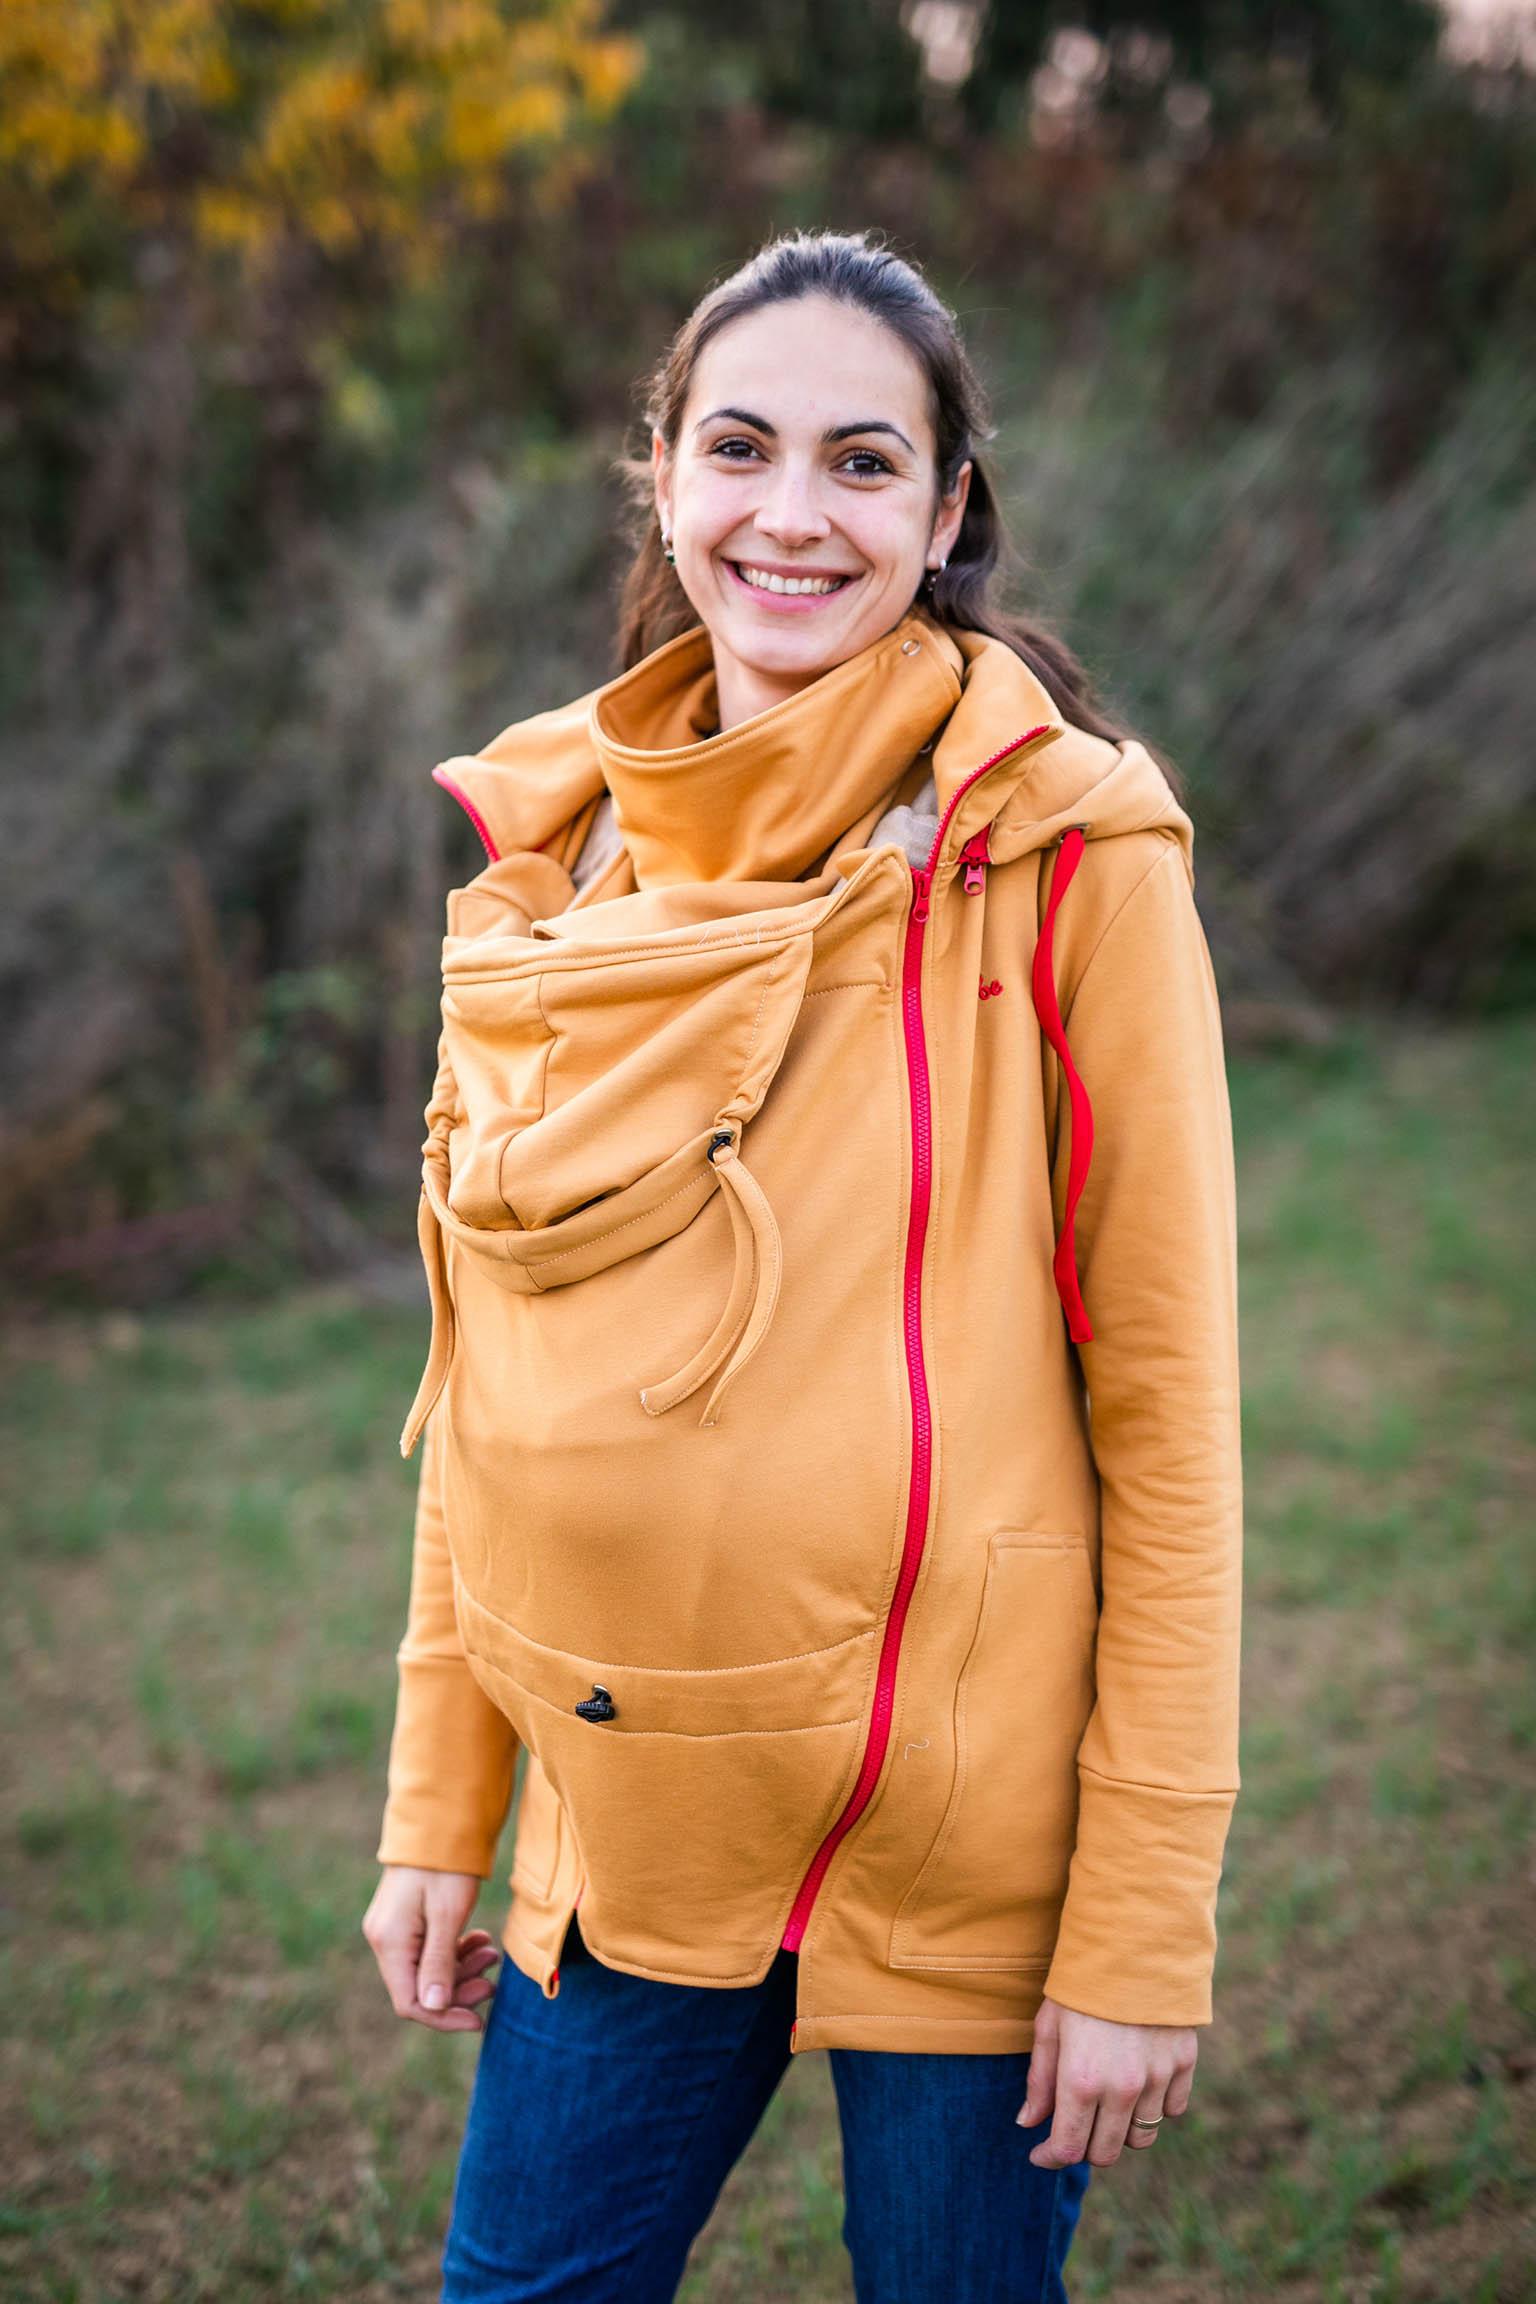 Be Lenka - Mustard Jogging Tragejacke xs Tragen eines Sweatshirts mit 3 in 1 Trainingsanzug